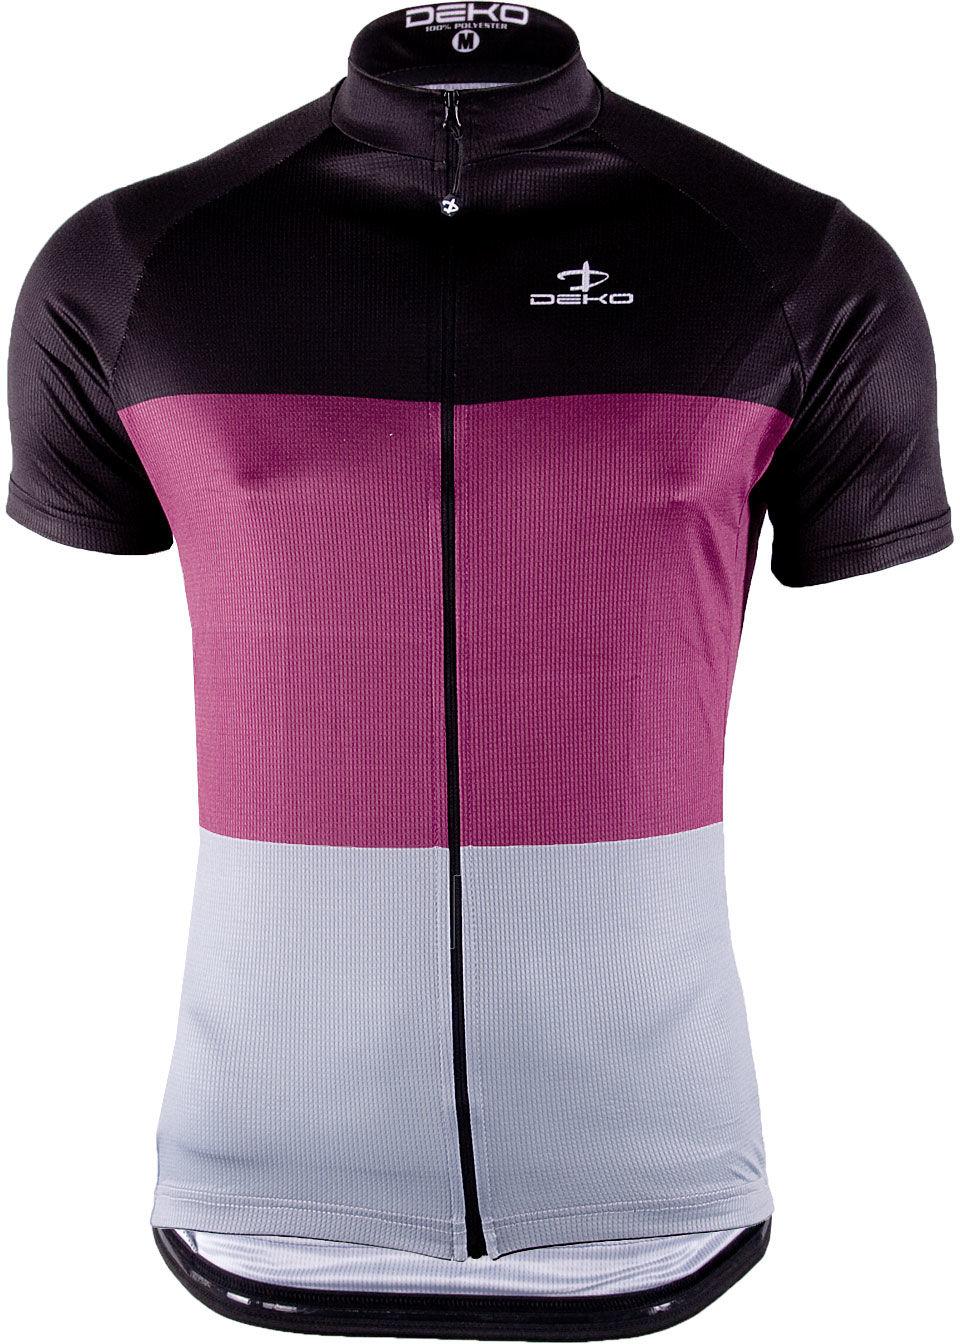 DEKO męska koszulka rowerowa krótki rękaw Bordowy MNK-002-03 Rozmiar: L,deko-mnk-002-03-burg